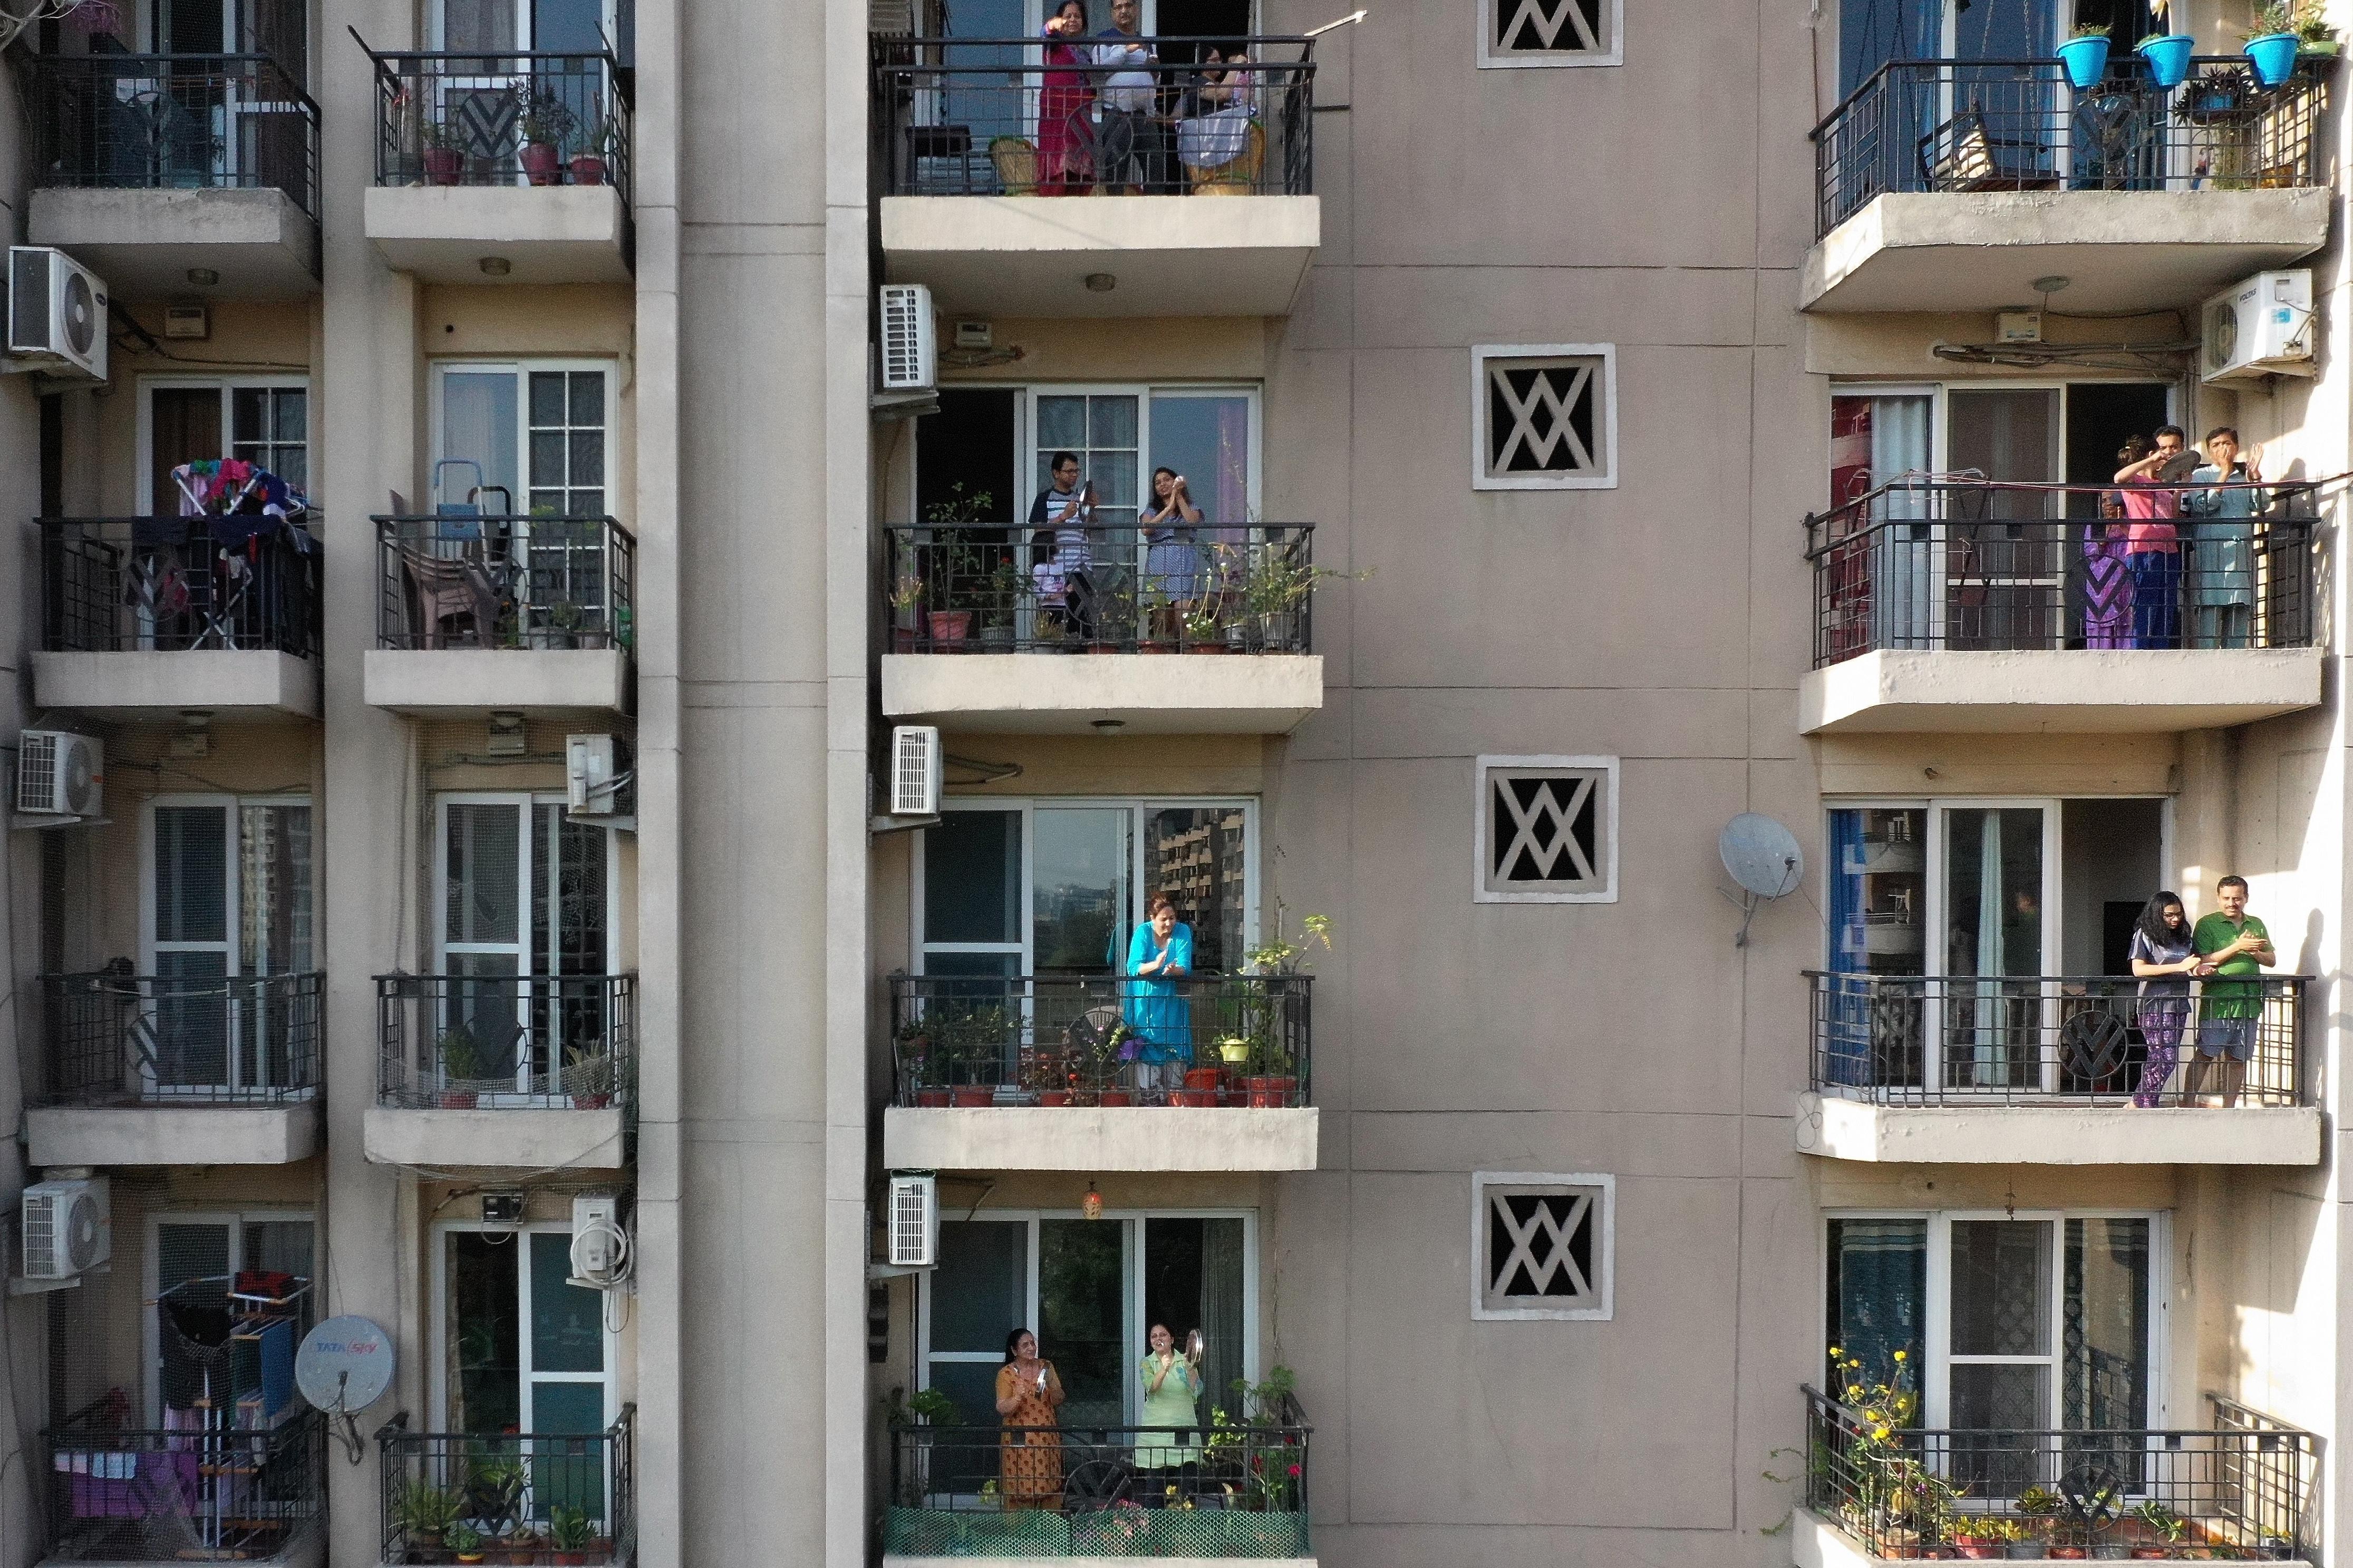 Litvániában betiltják a dohányzást a társasházak erkélyein